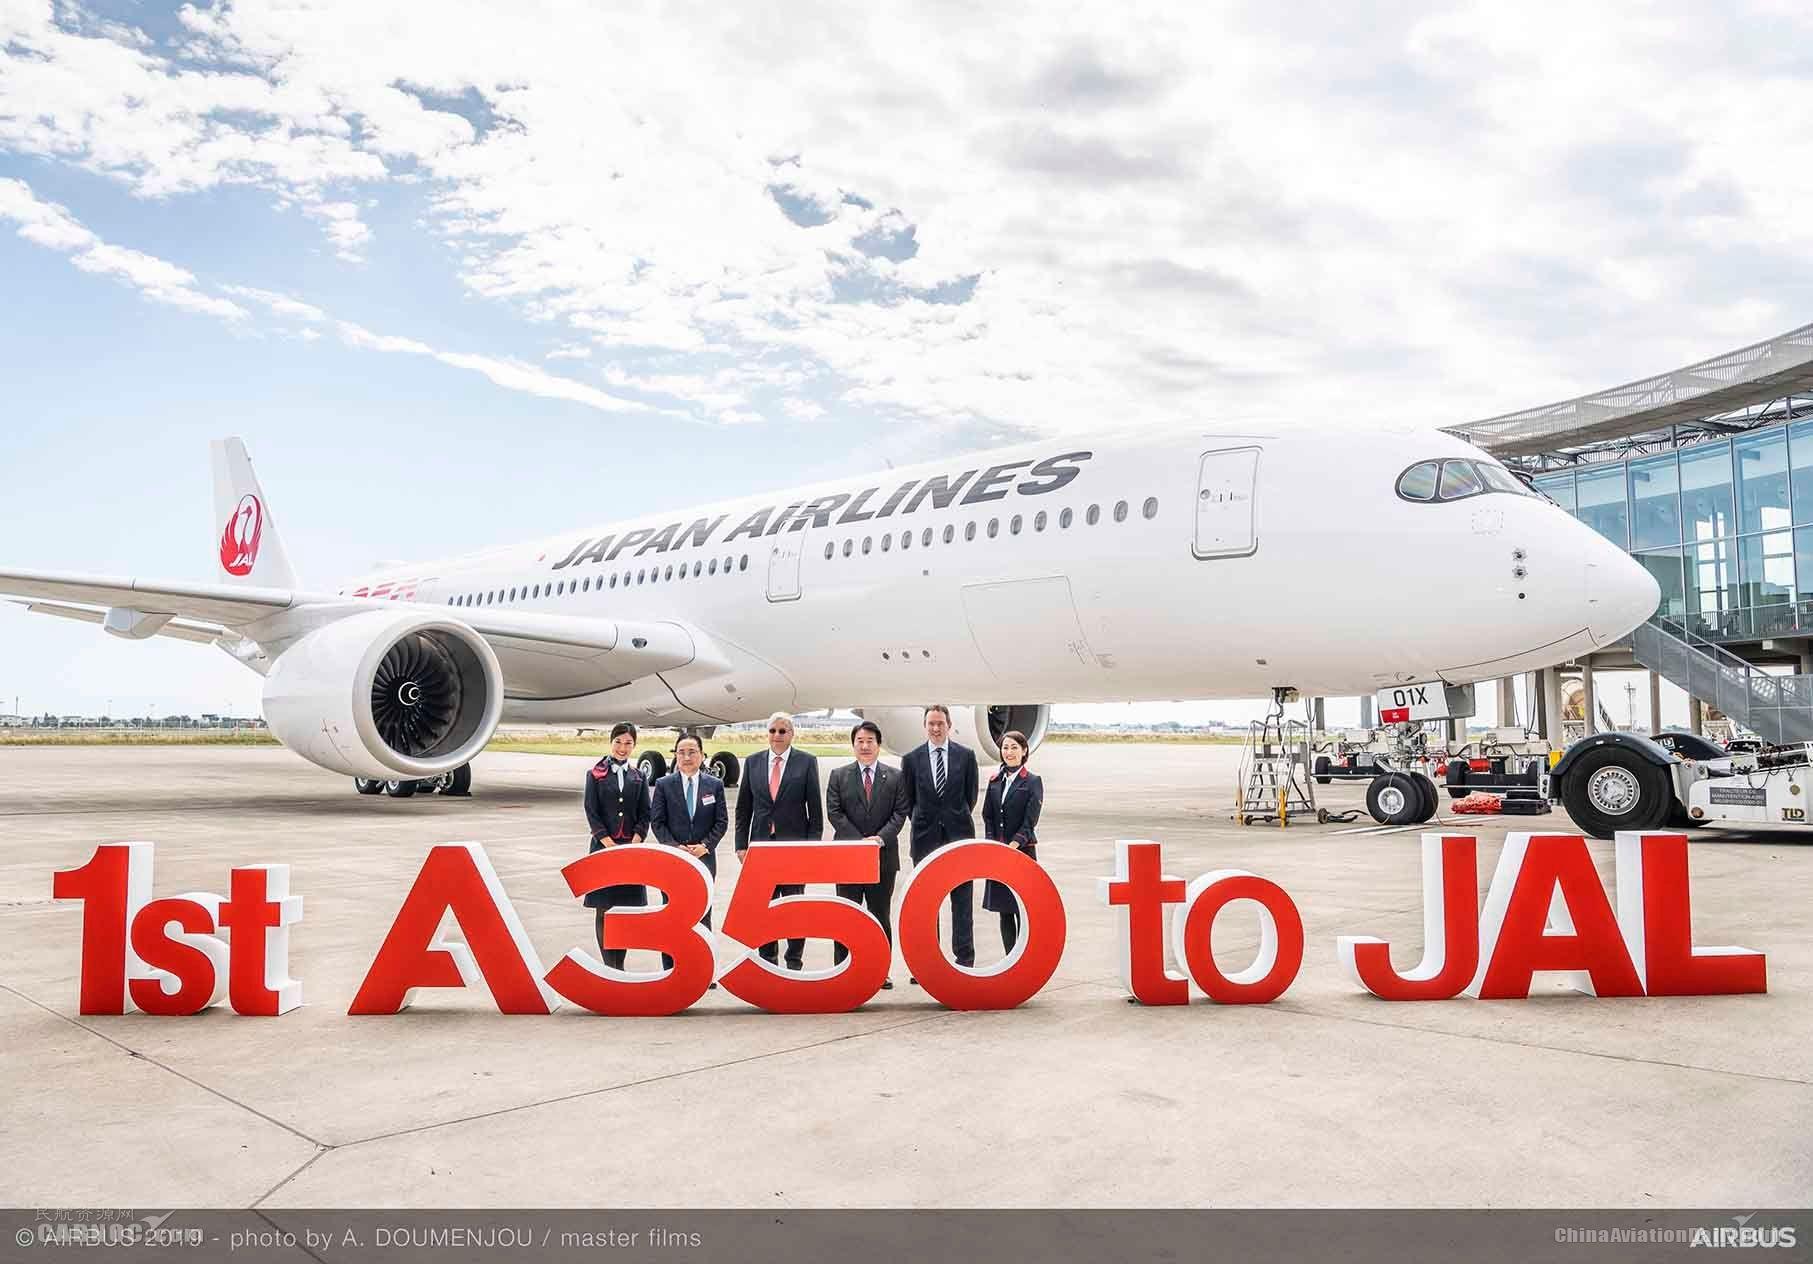 空客A350-900客机将入役日本航空 执飞本土航线